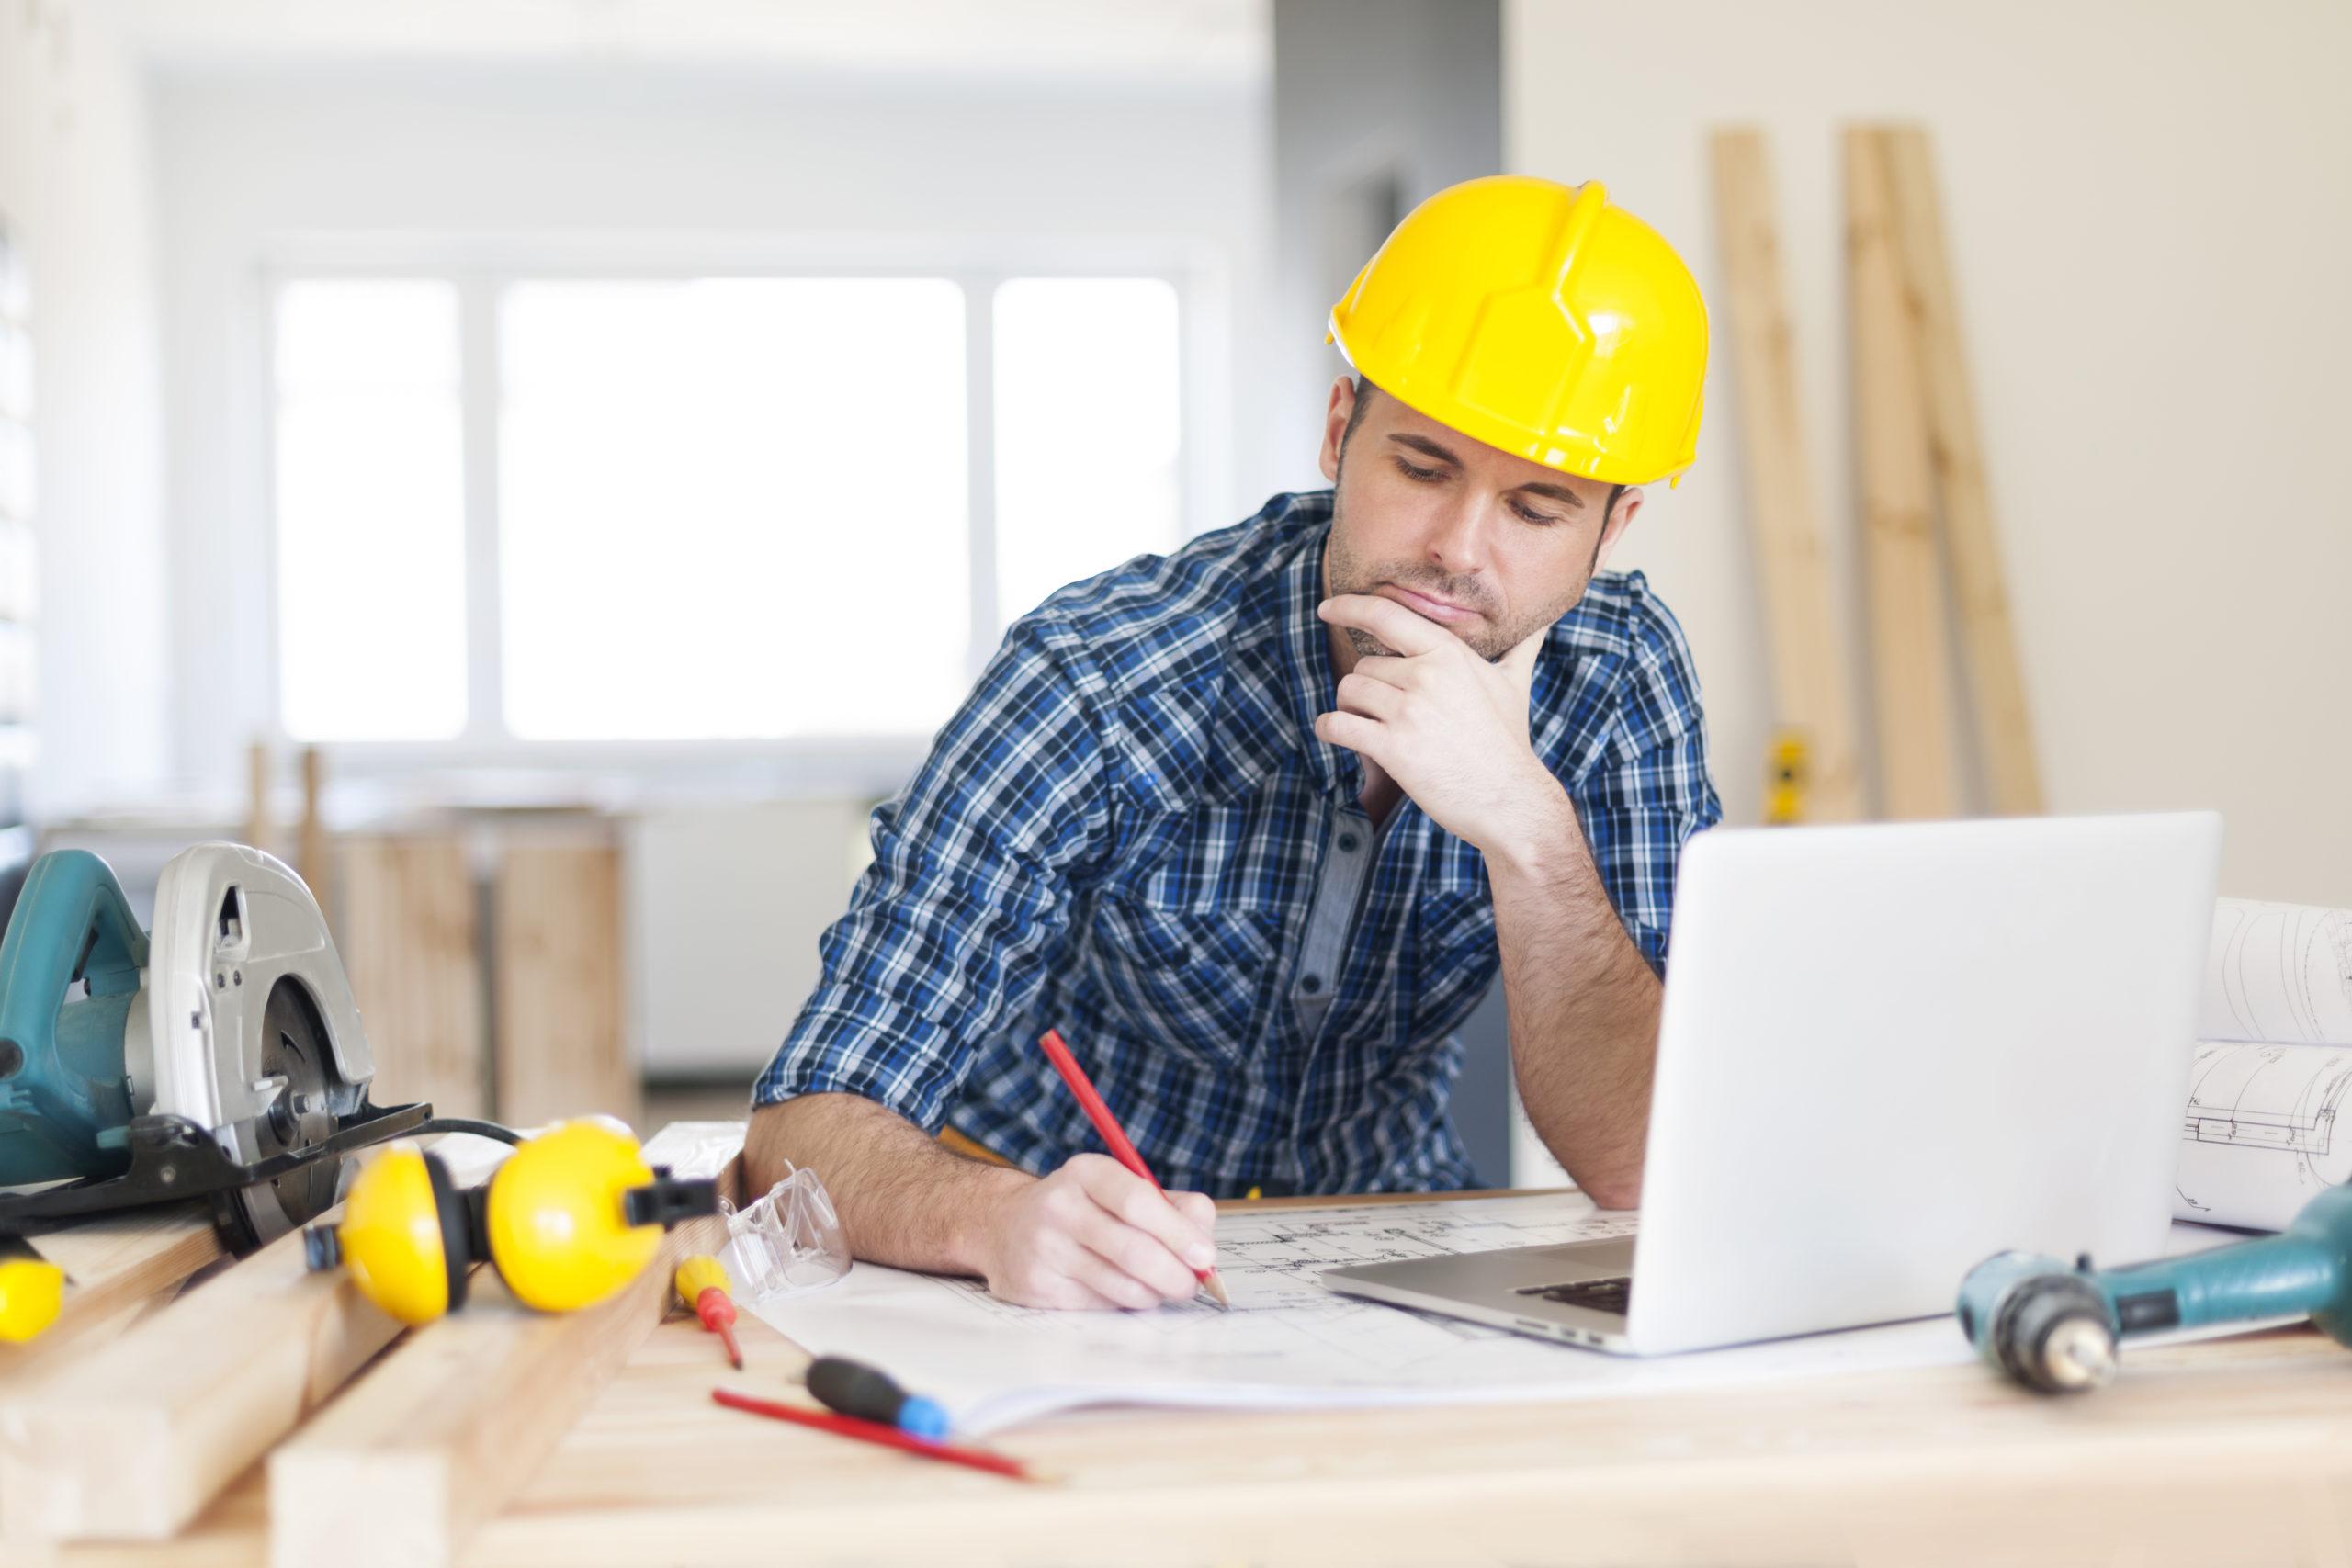 специалист-строитель